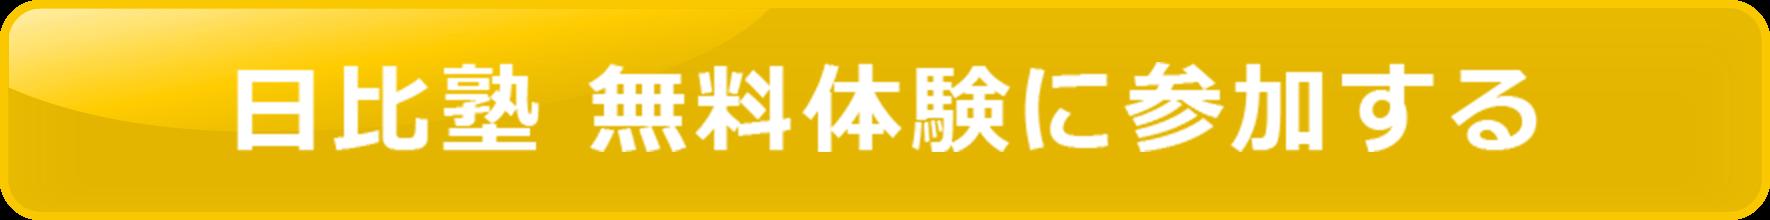 日比塾 無料体験会に参加する